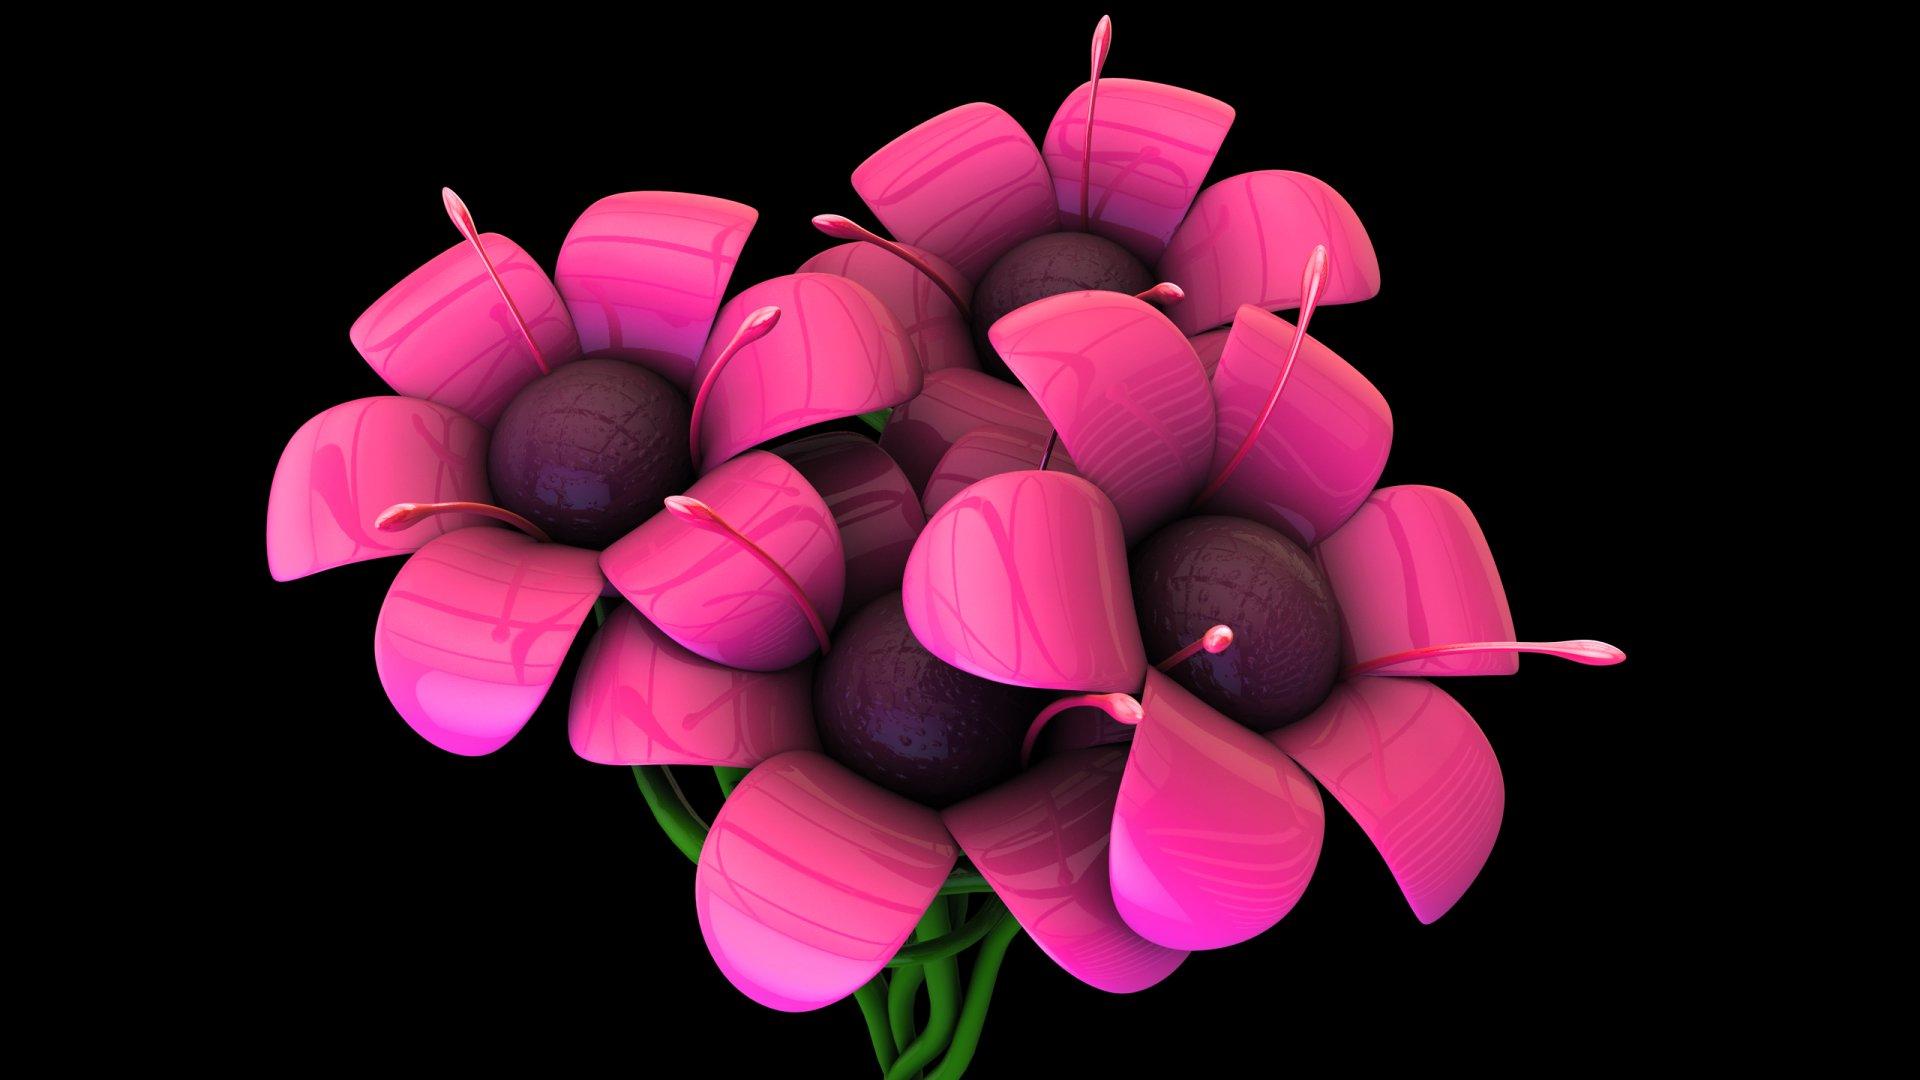 Image de Synthèse - Cool  Plante Fleur Fond d'écran